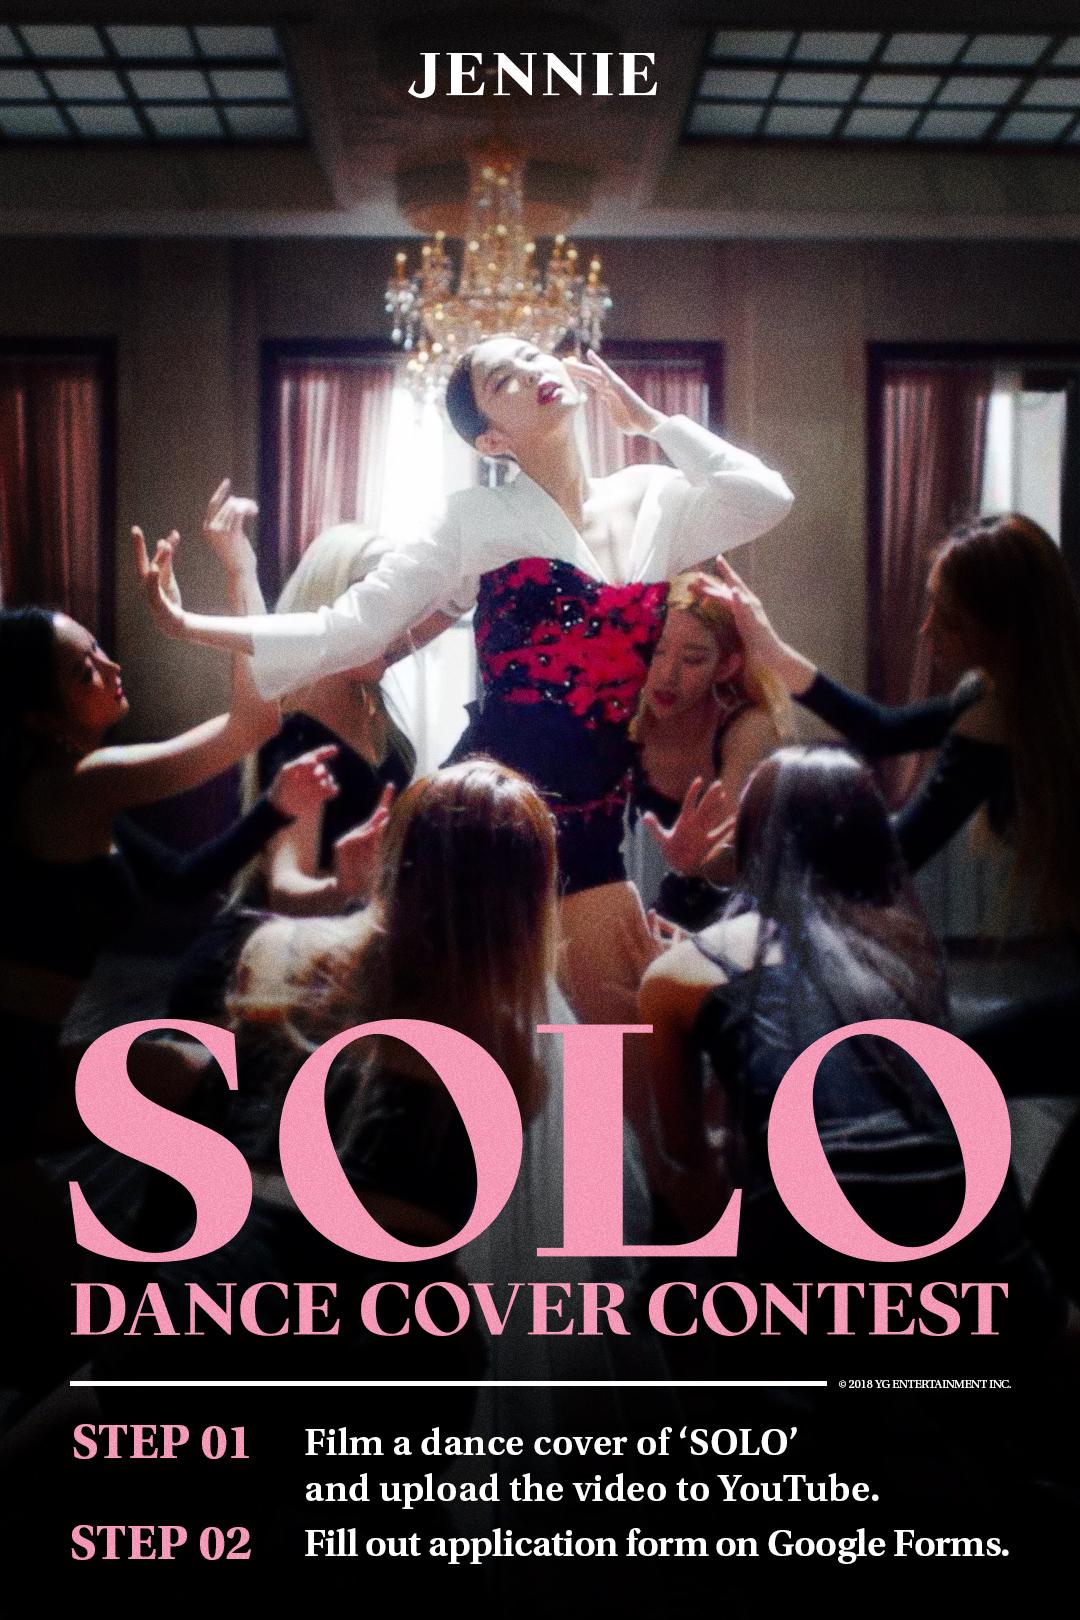 (1123) 제니_솔로_댄스커버콘테스트_YGLIFE 포스터